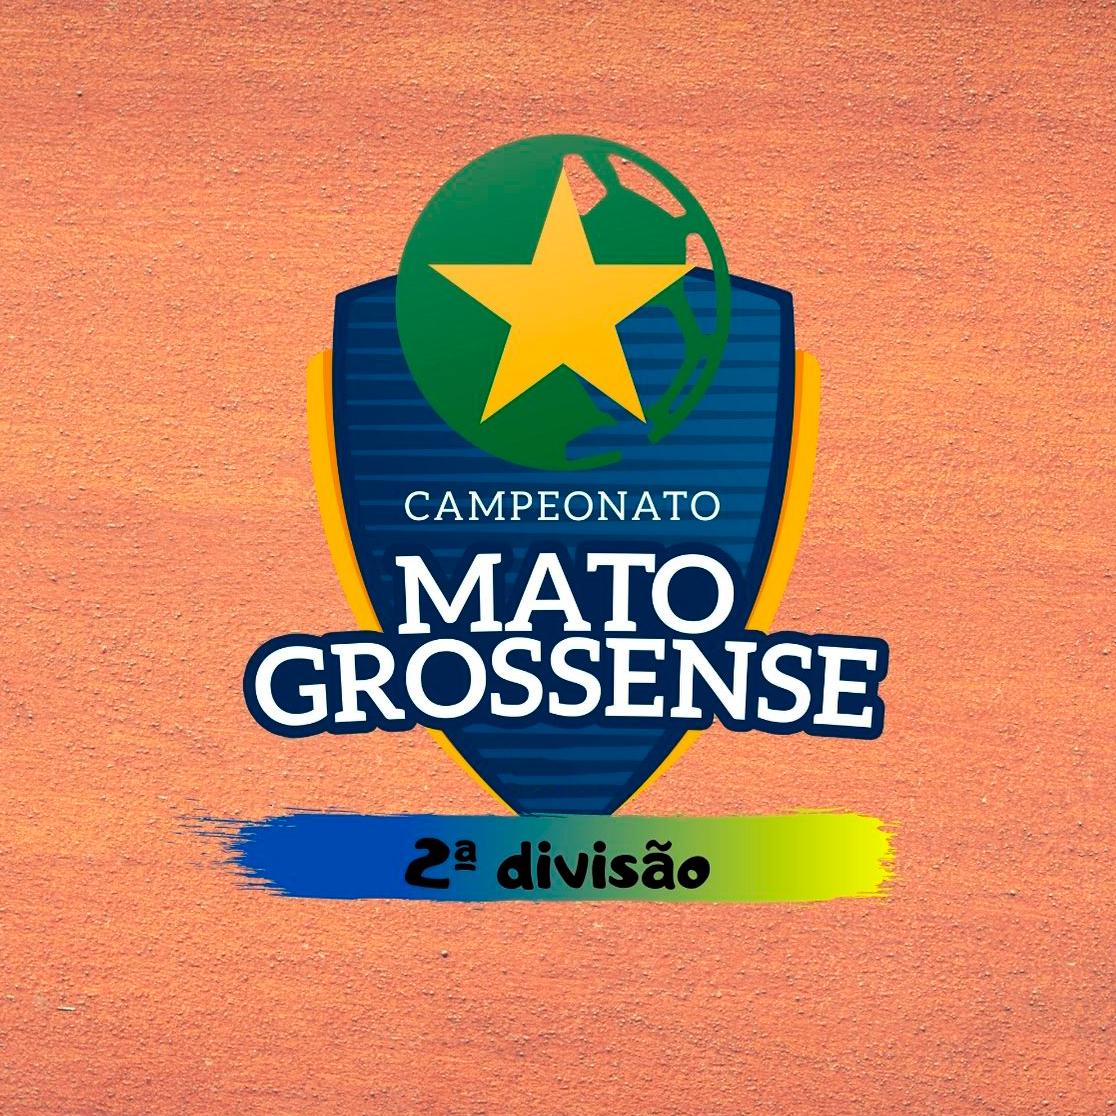 Logo marca do Campeonato Mato-grossense